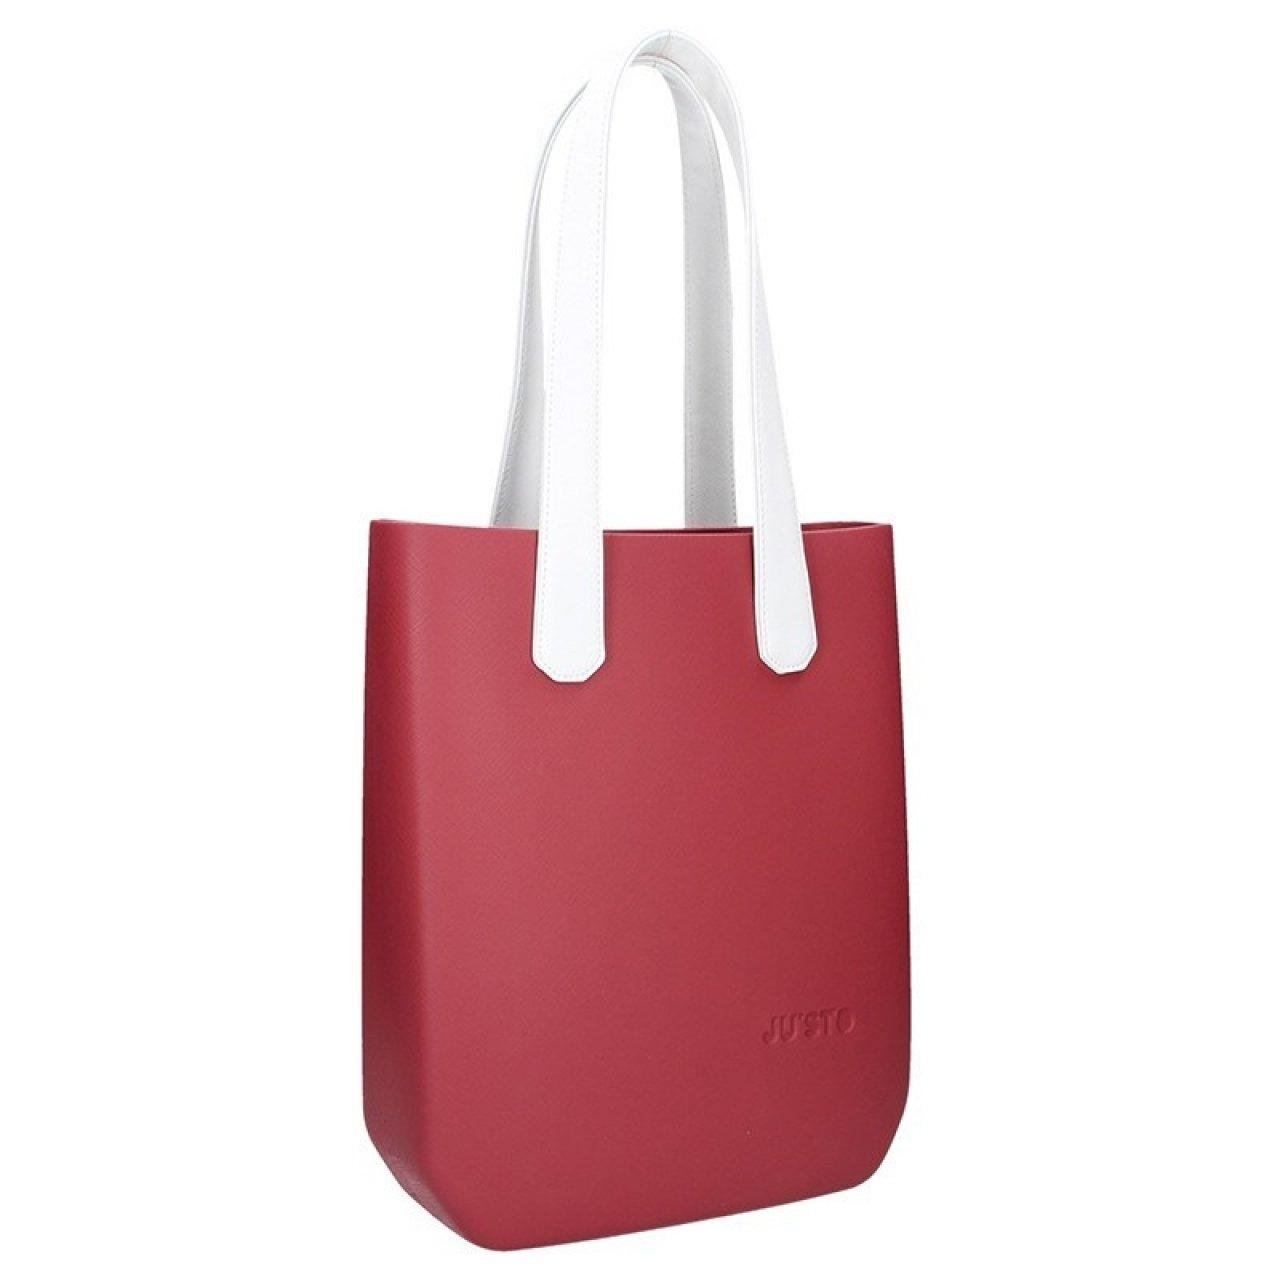 d68e946d60 Dámská trendy kabelka Ju sto J-High - červeno-stříbrná